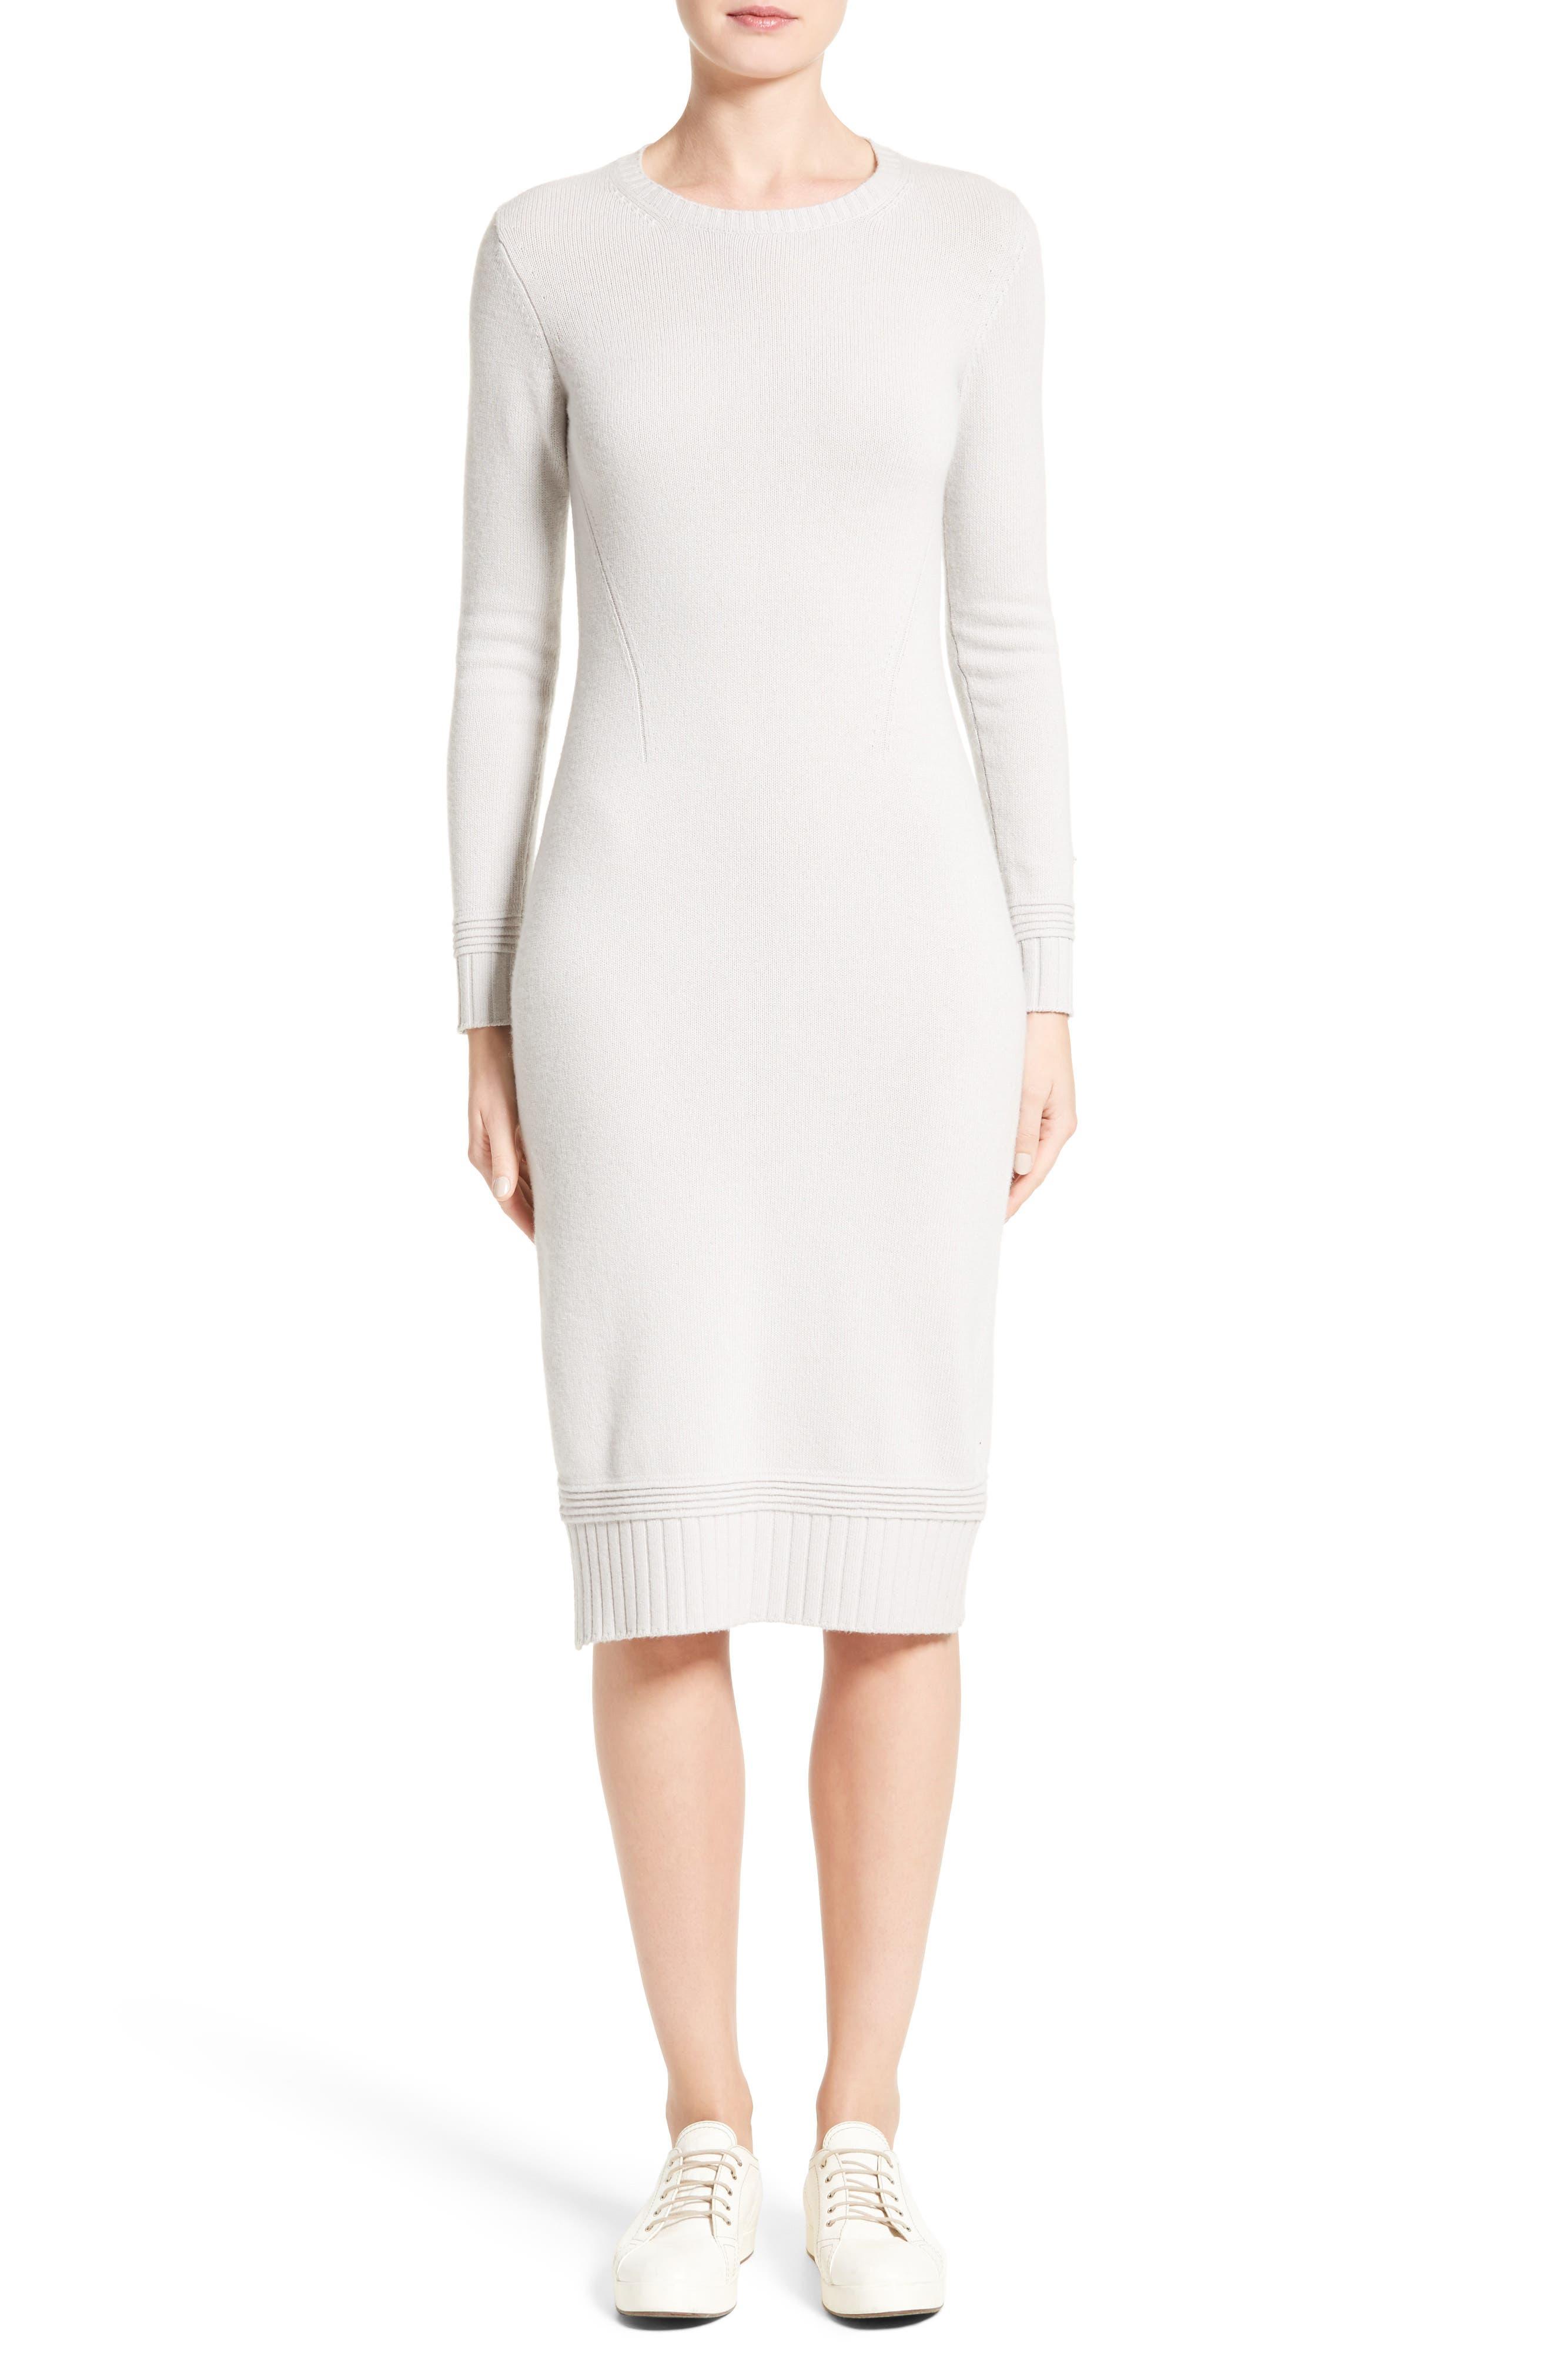 Armani Jeans Knit Sweater Dress